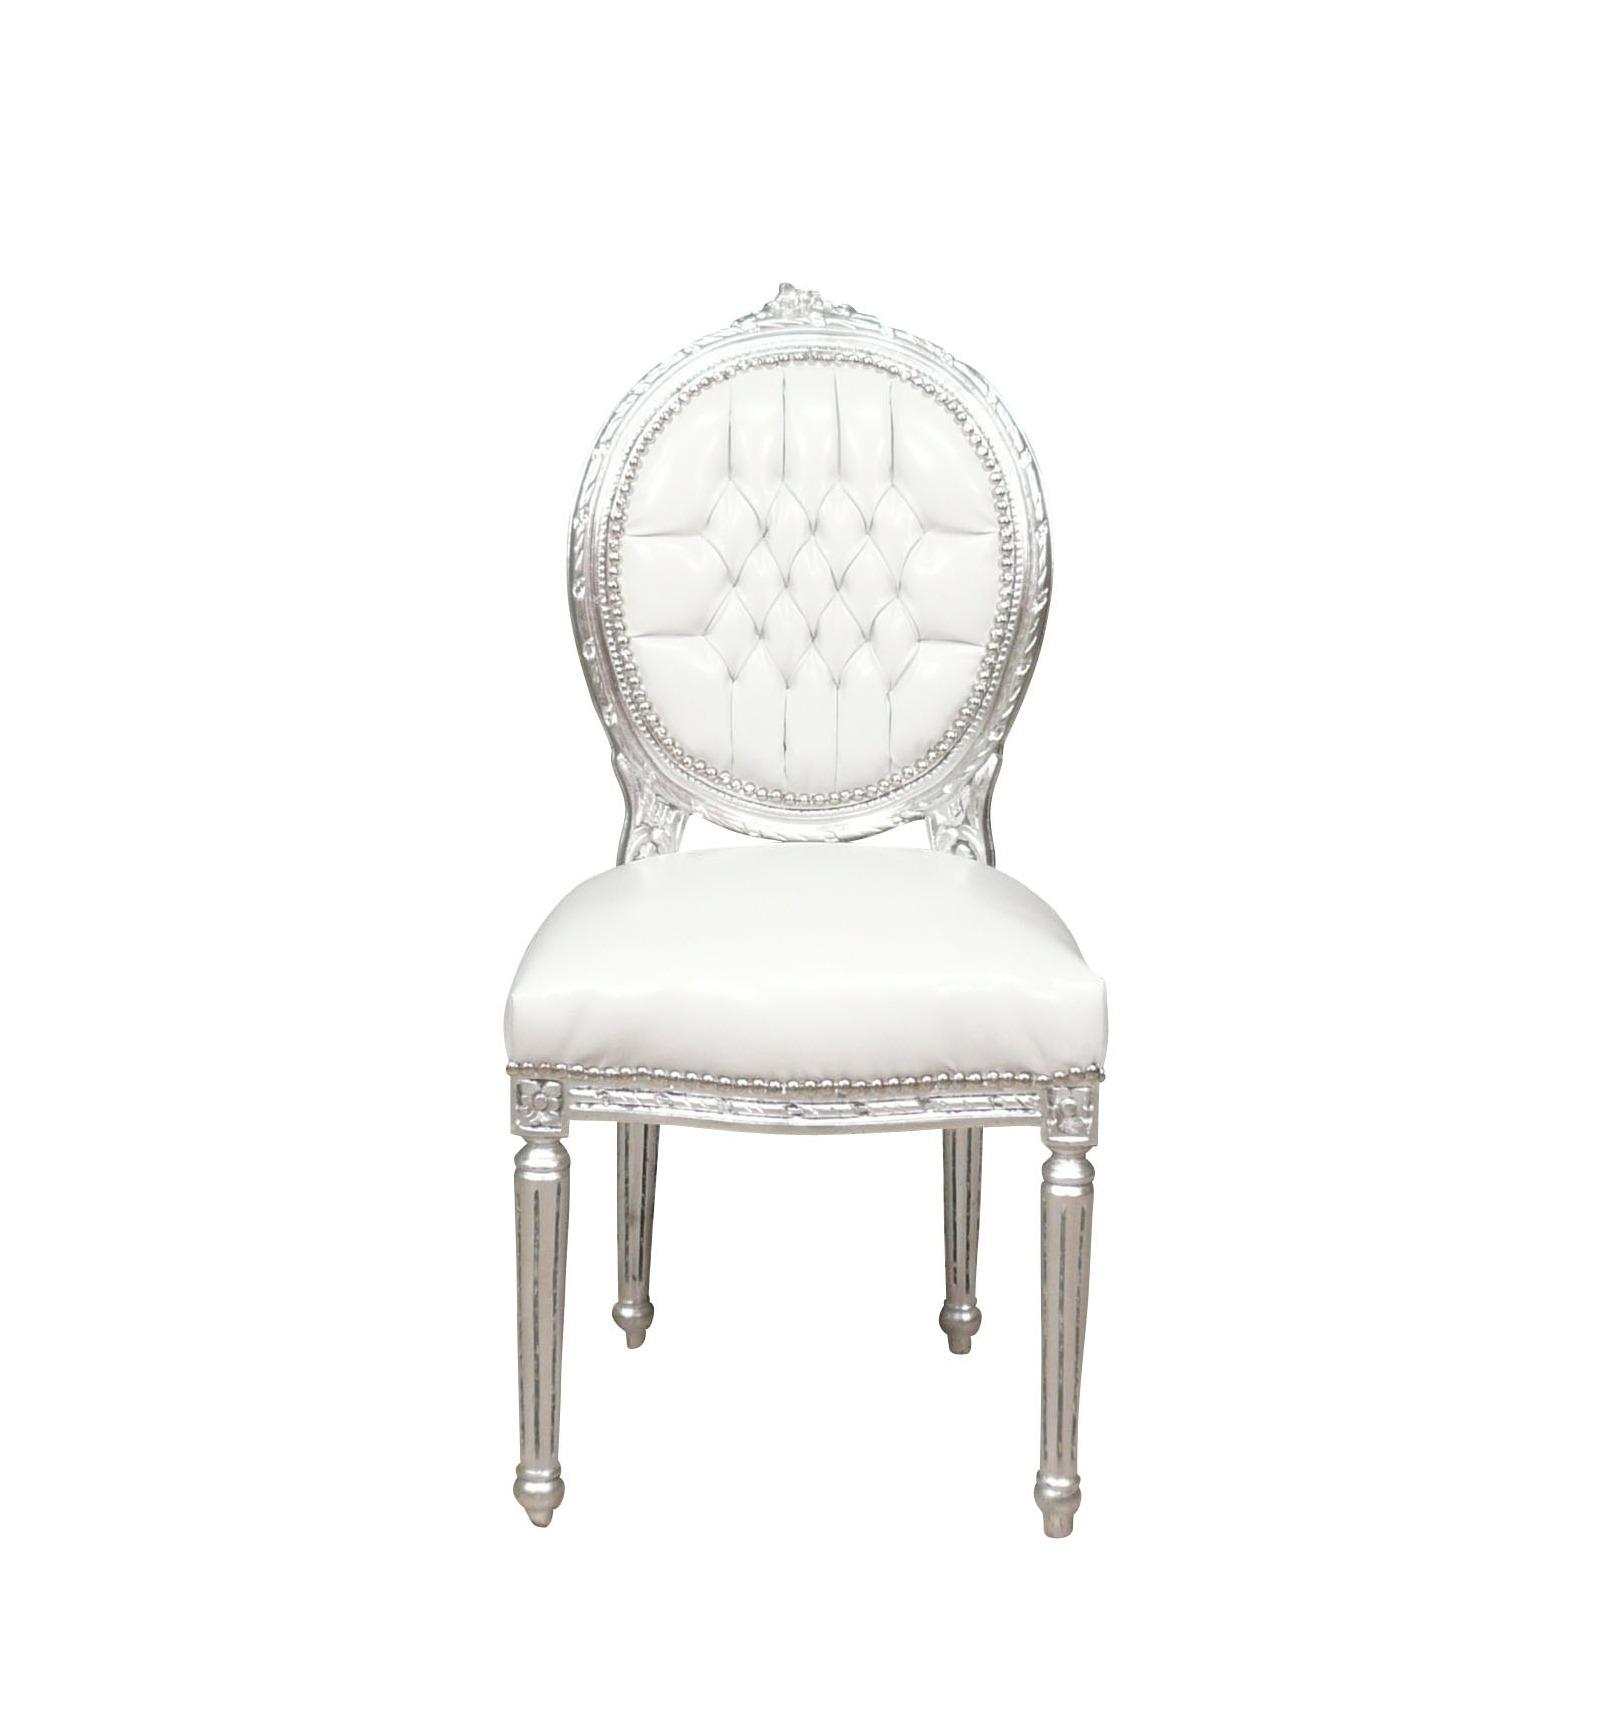 Silla louis xvi blanco y plata sillones barrocos - Sillas louis xvi ...